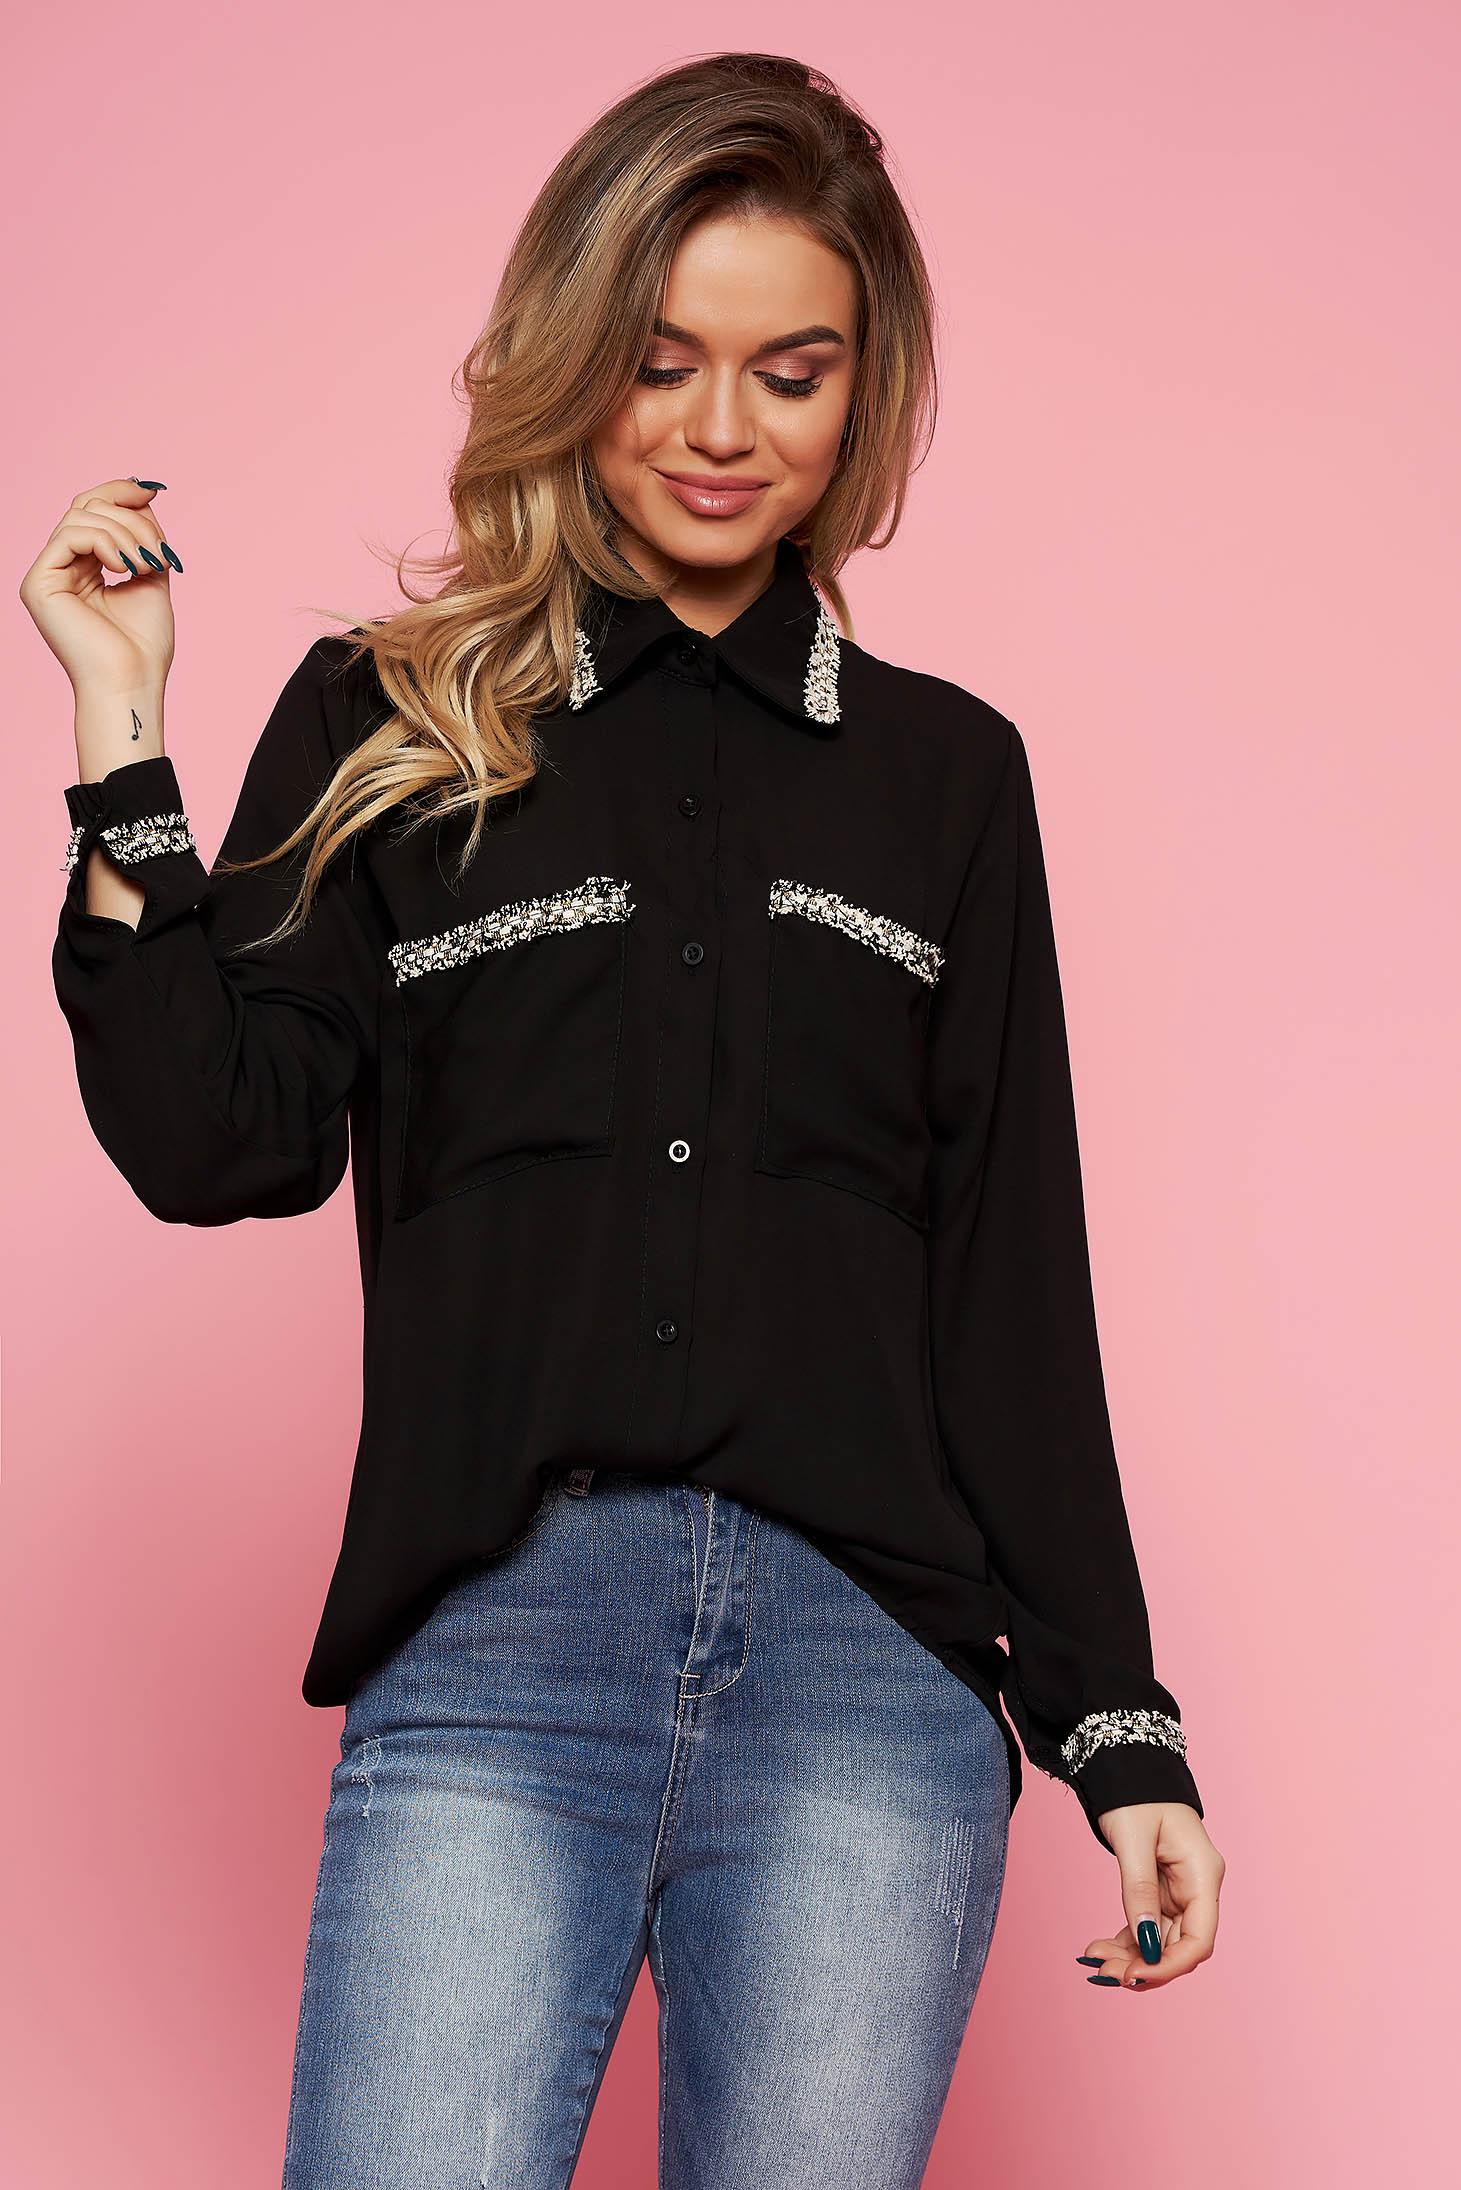 SunShine black elegant flared women`s shirt voile fabric long sleeved